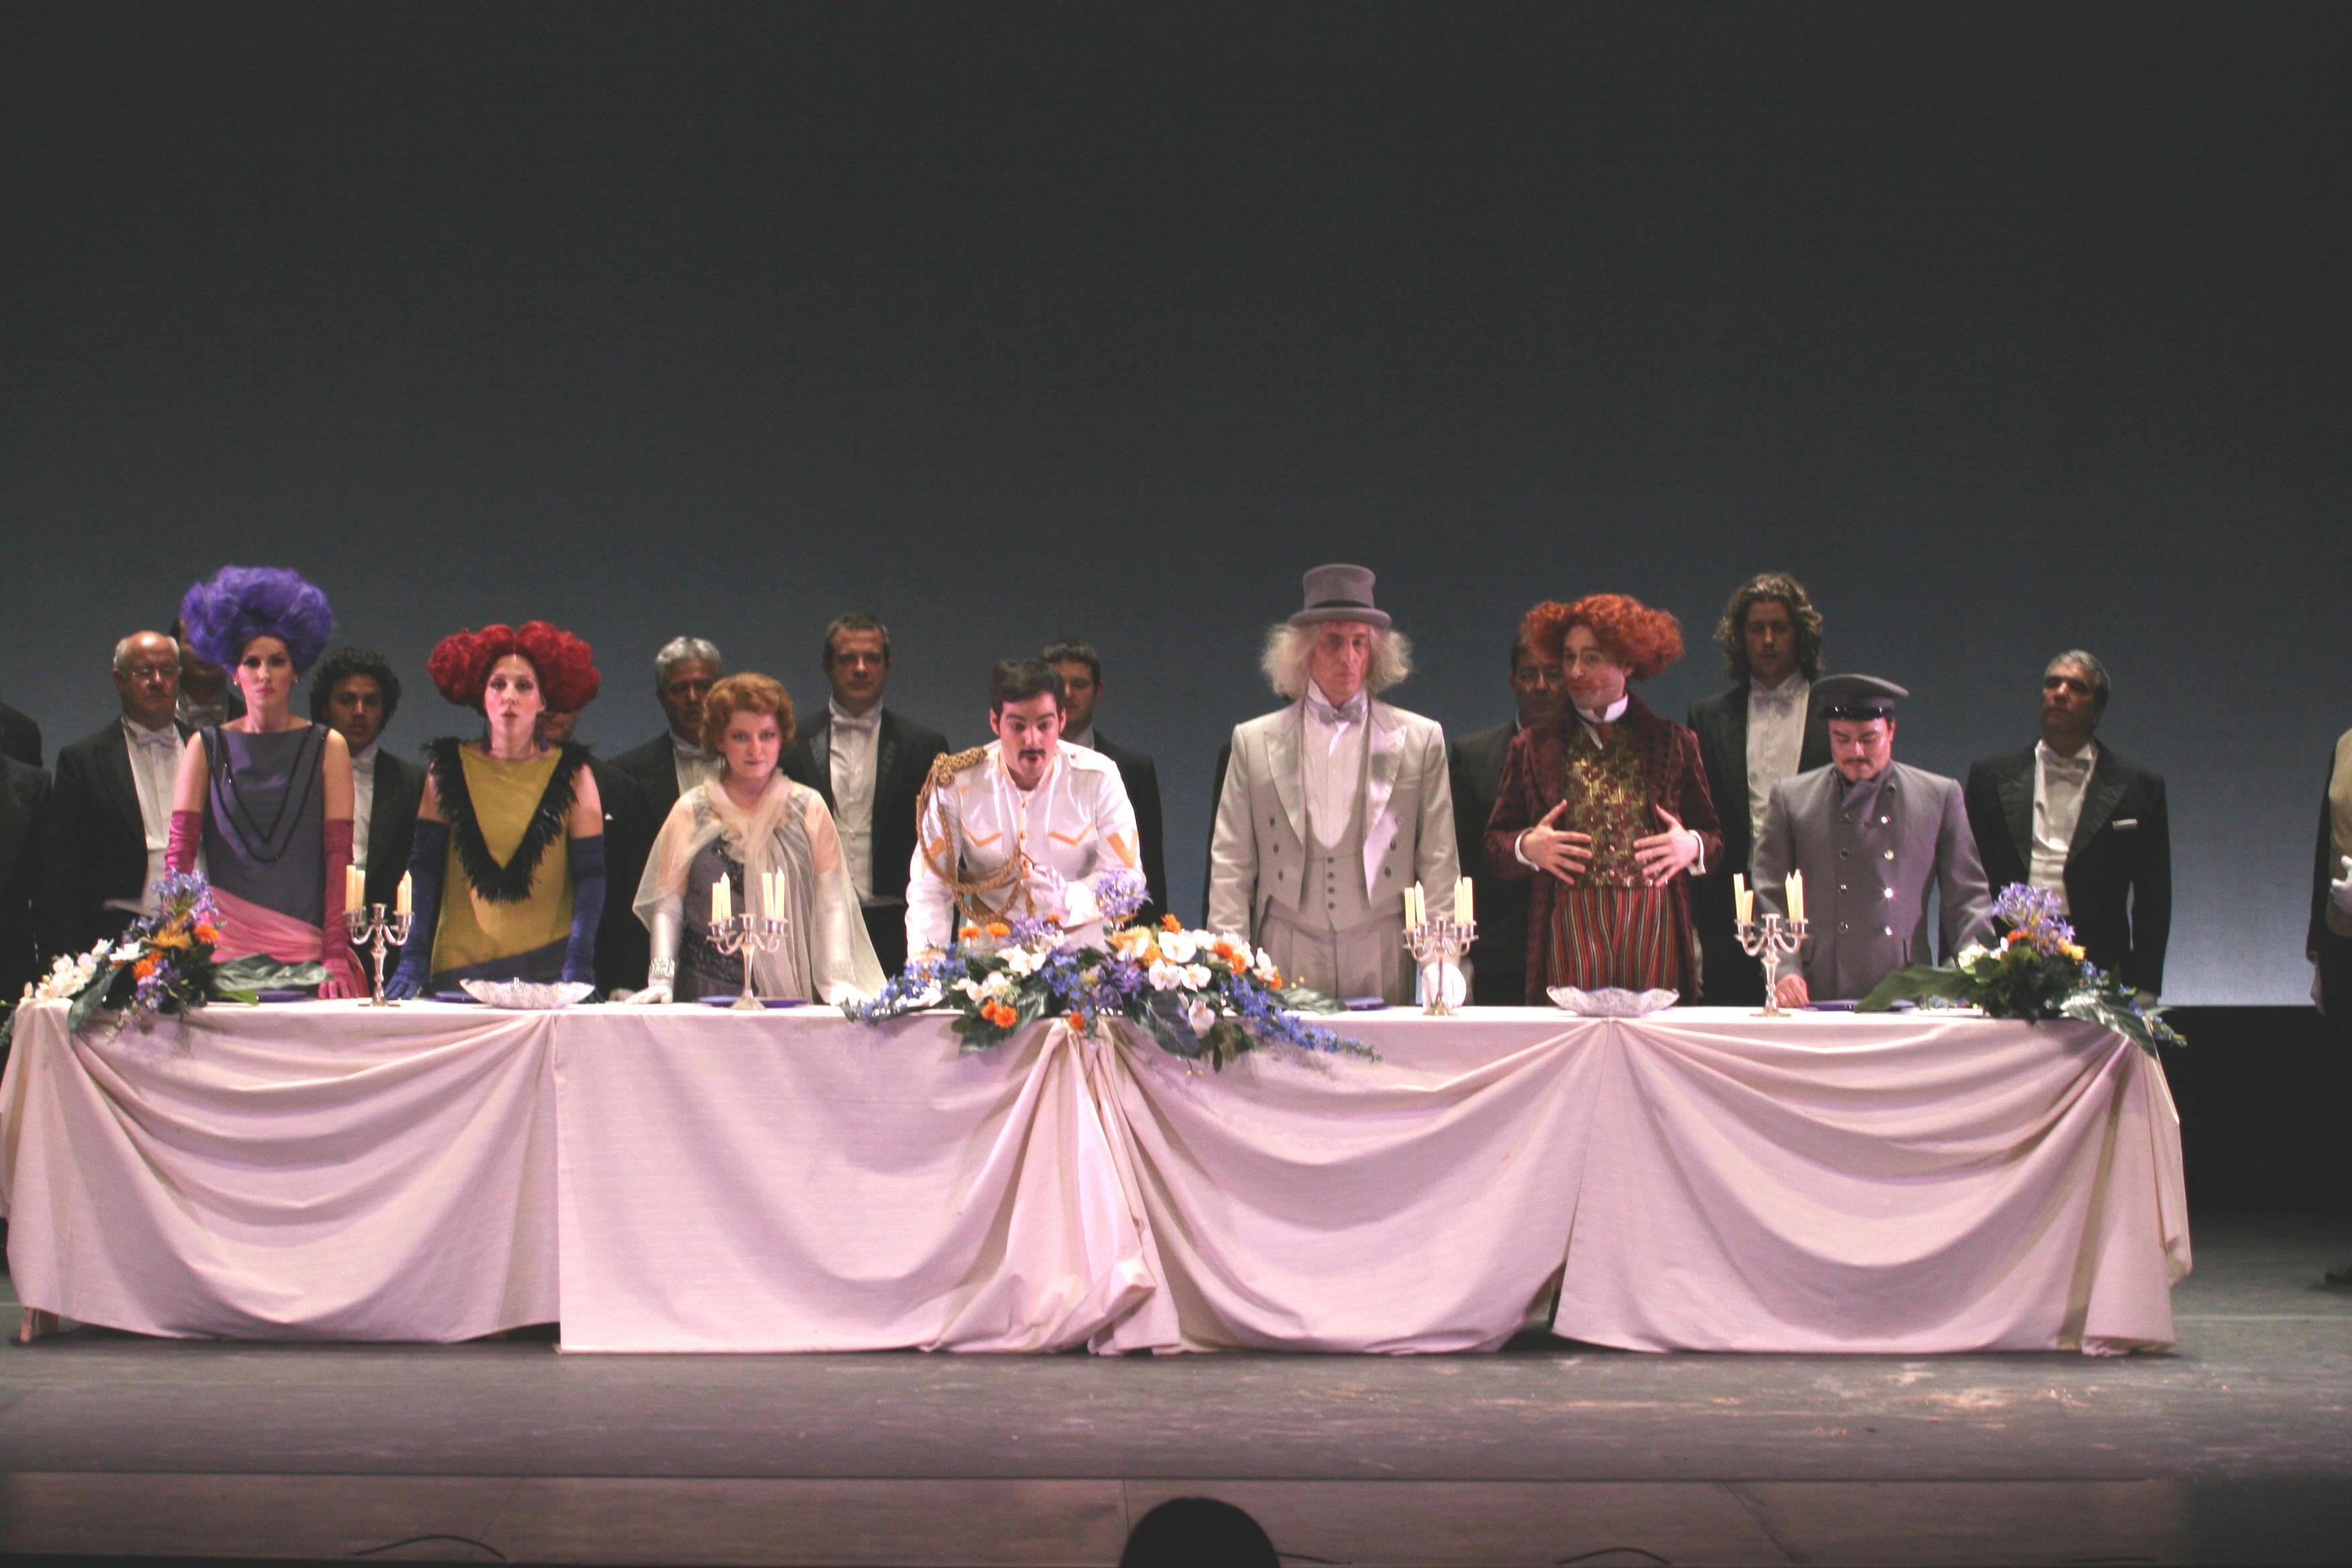 La Cenerentola - La Ventafocs de G. Rossini